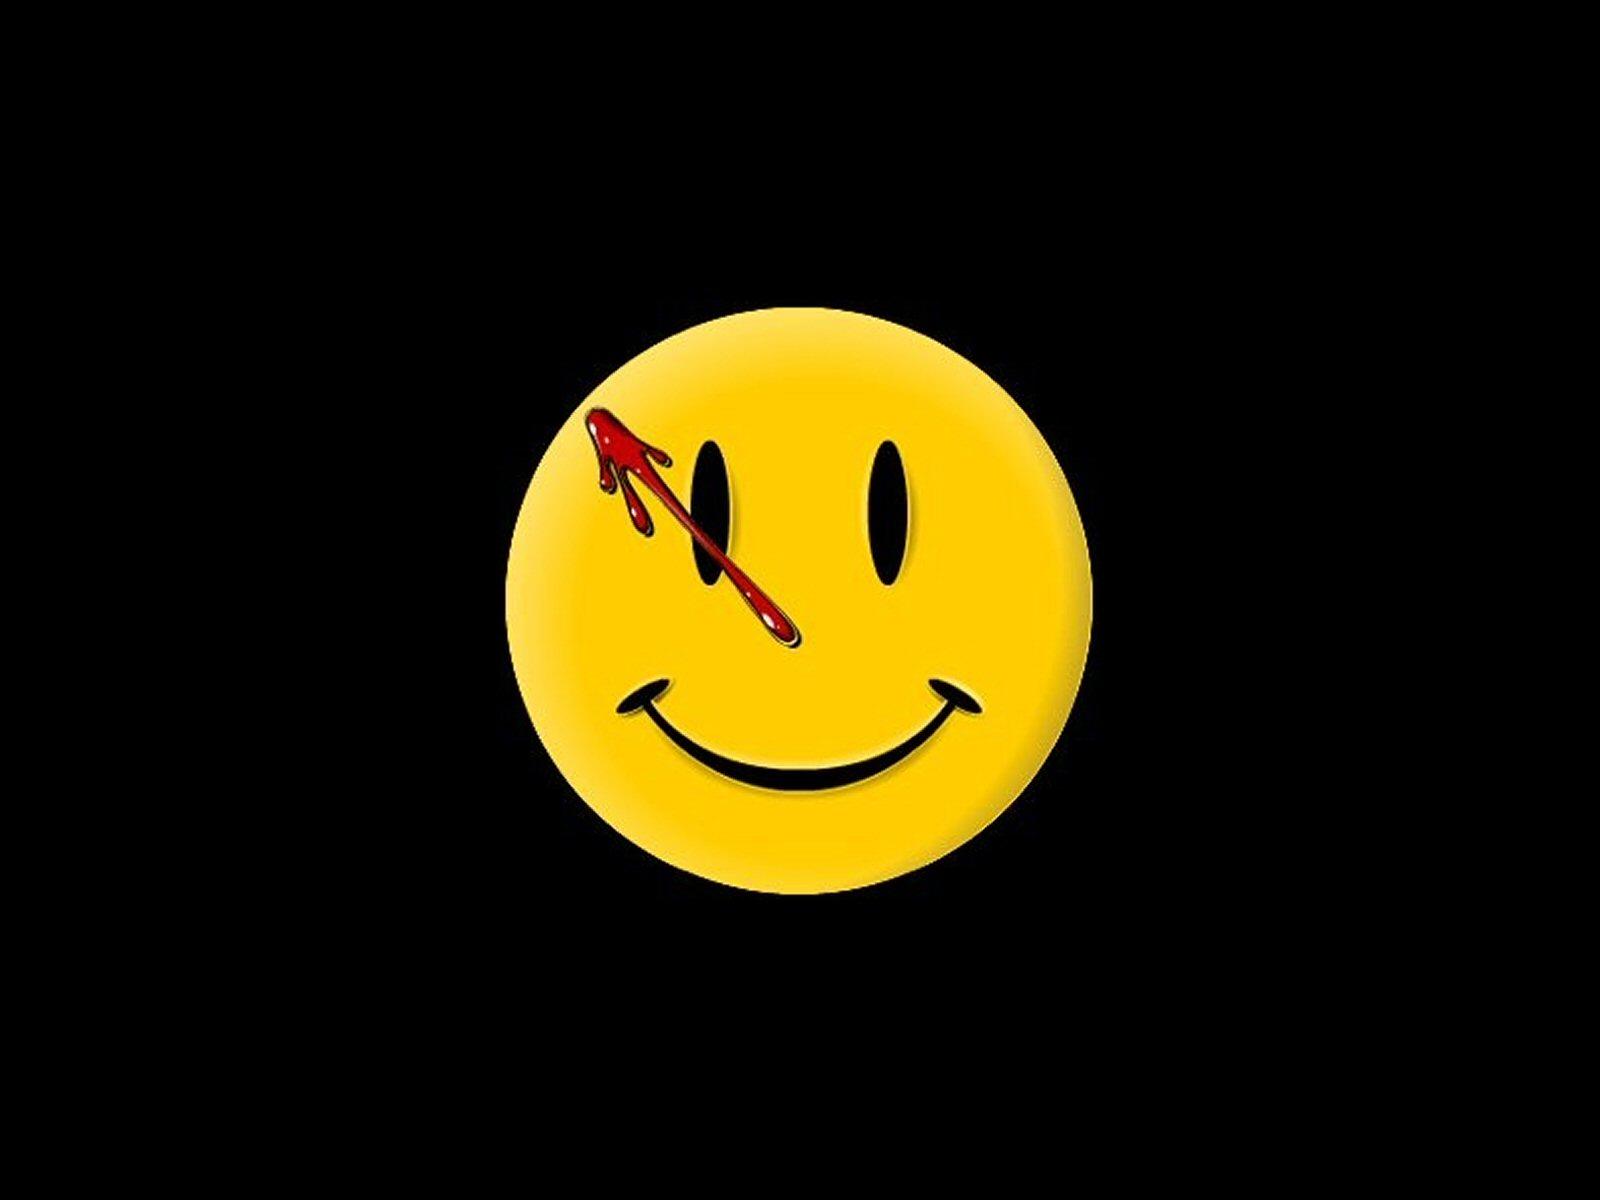 http://4.bp.blogspot.com/-KSIOs1Toho0/Tp3HVY3zXKI/AAAAAAAAJ_I/vNdNEdrbyDI/s1600/smiley-face-wallpaper-017.jpg